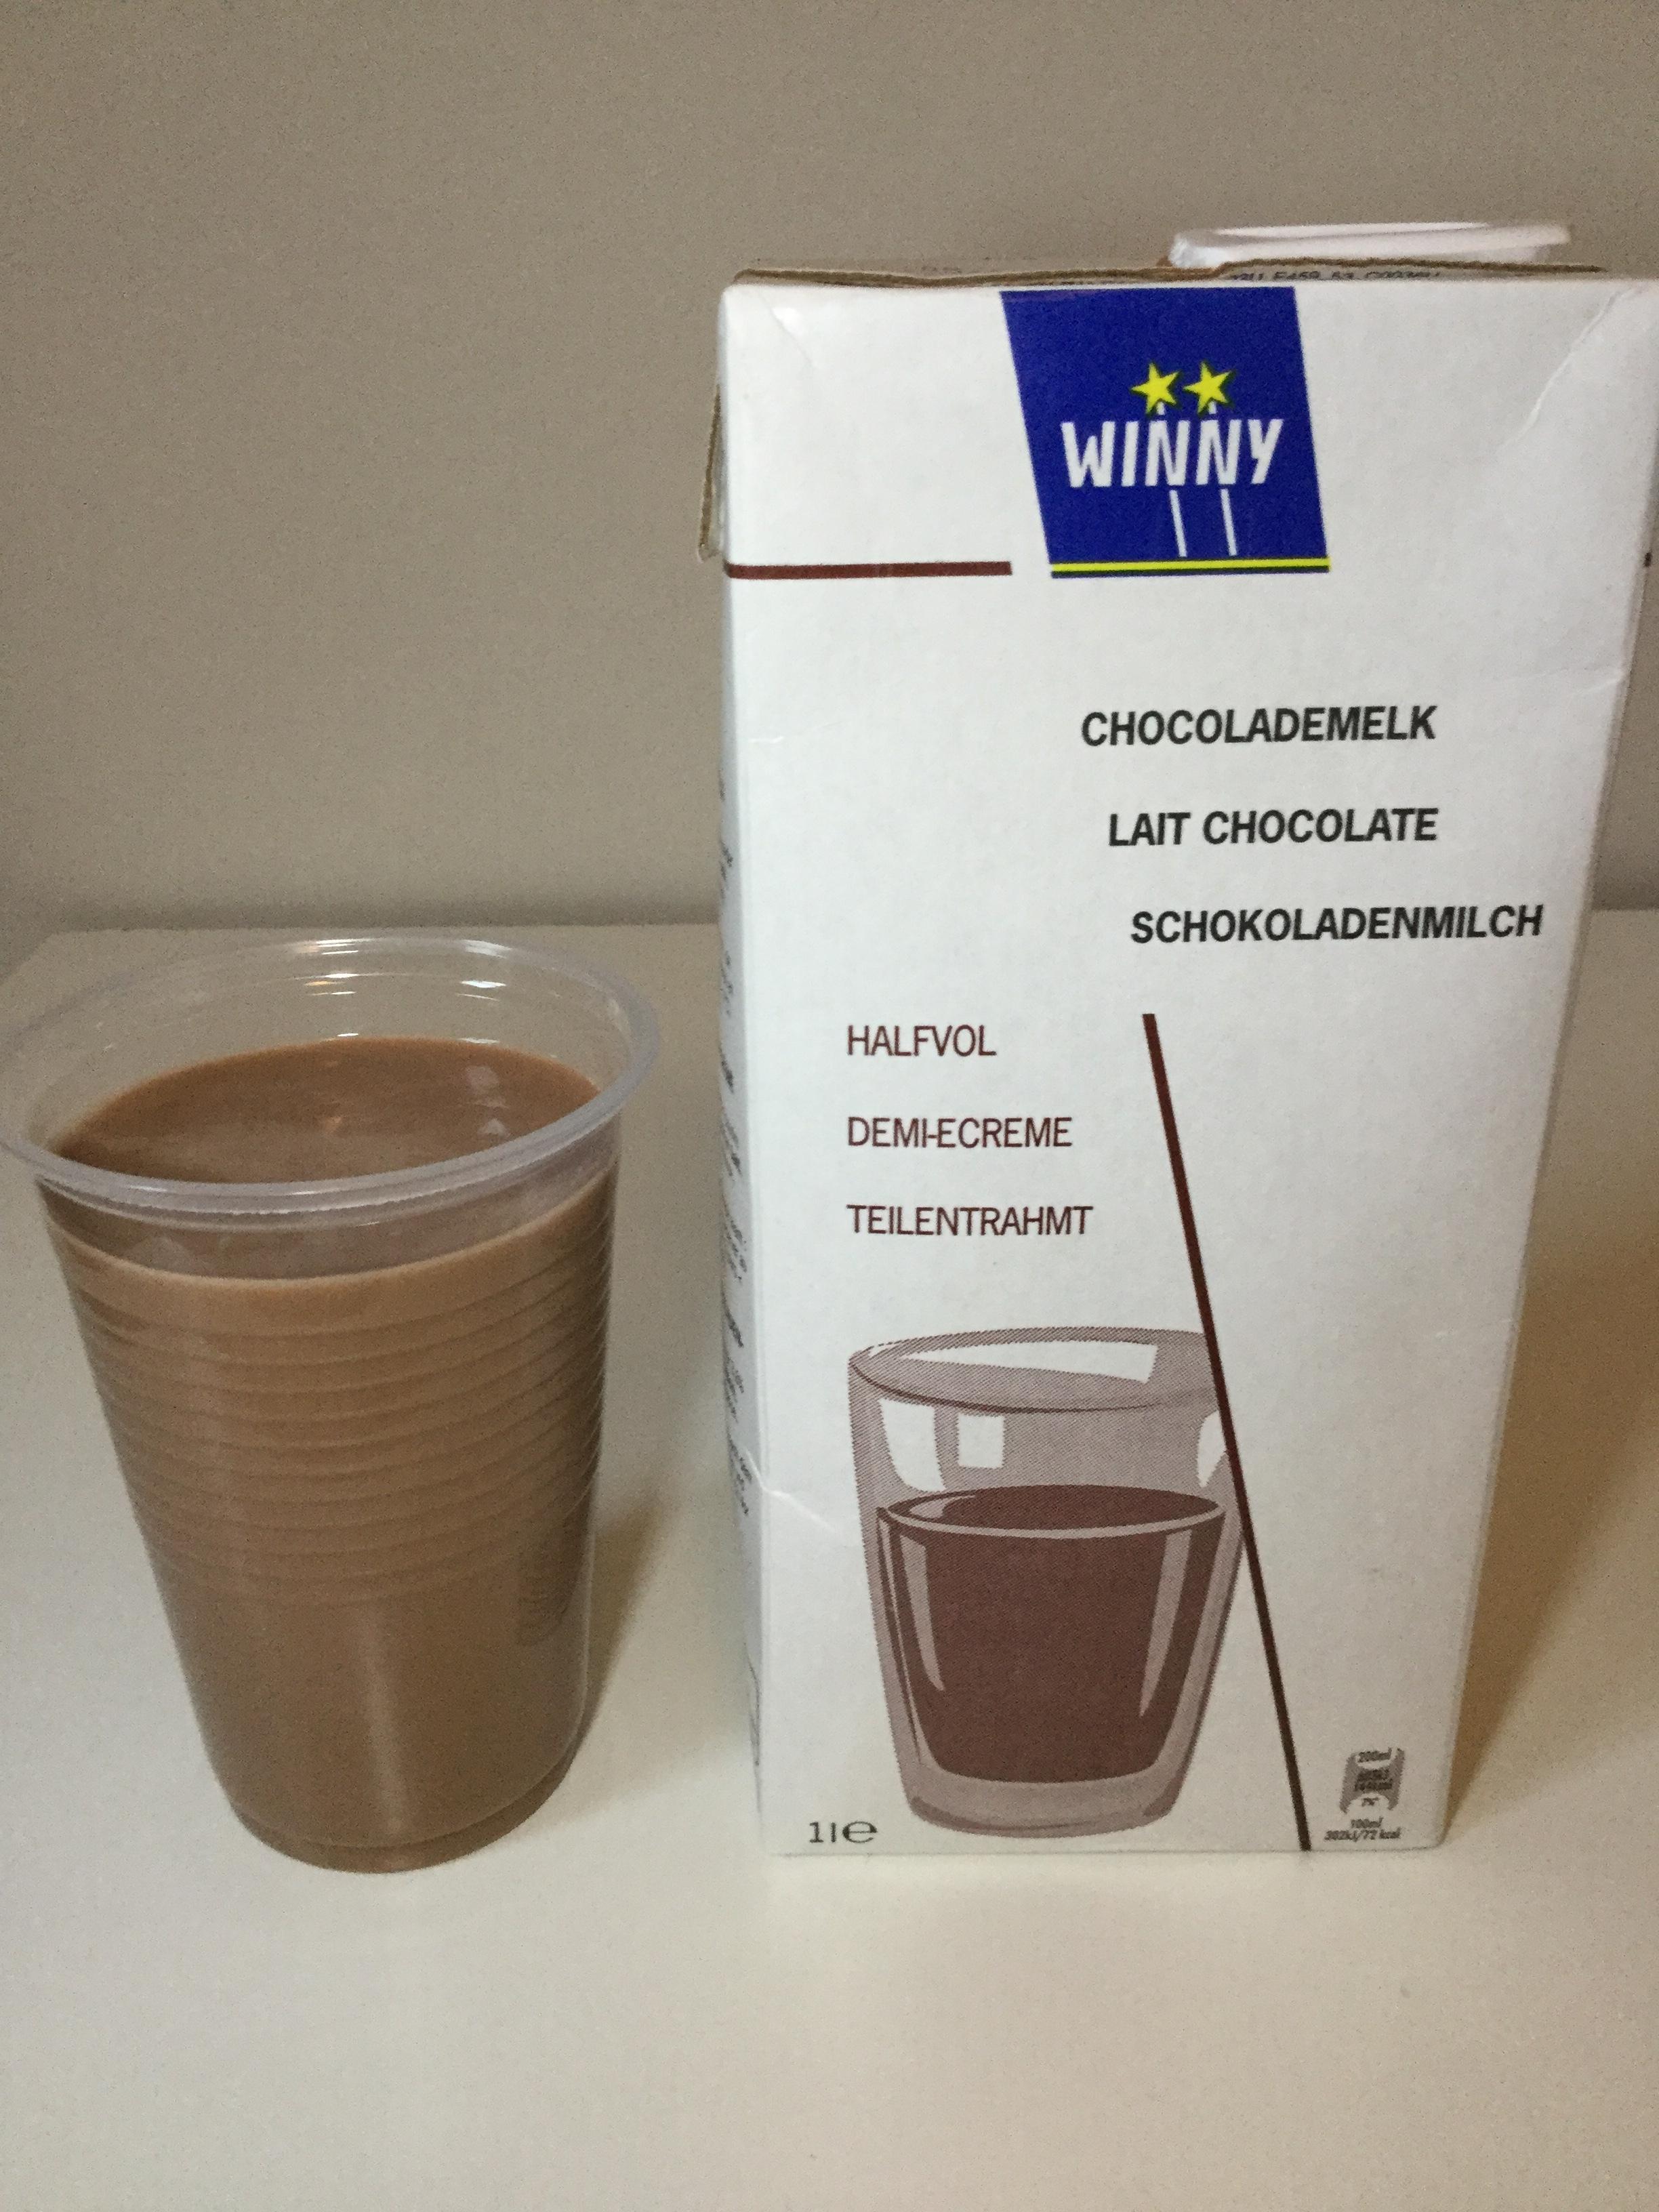 Winny Chocolademelk Cup